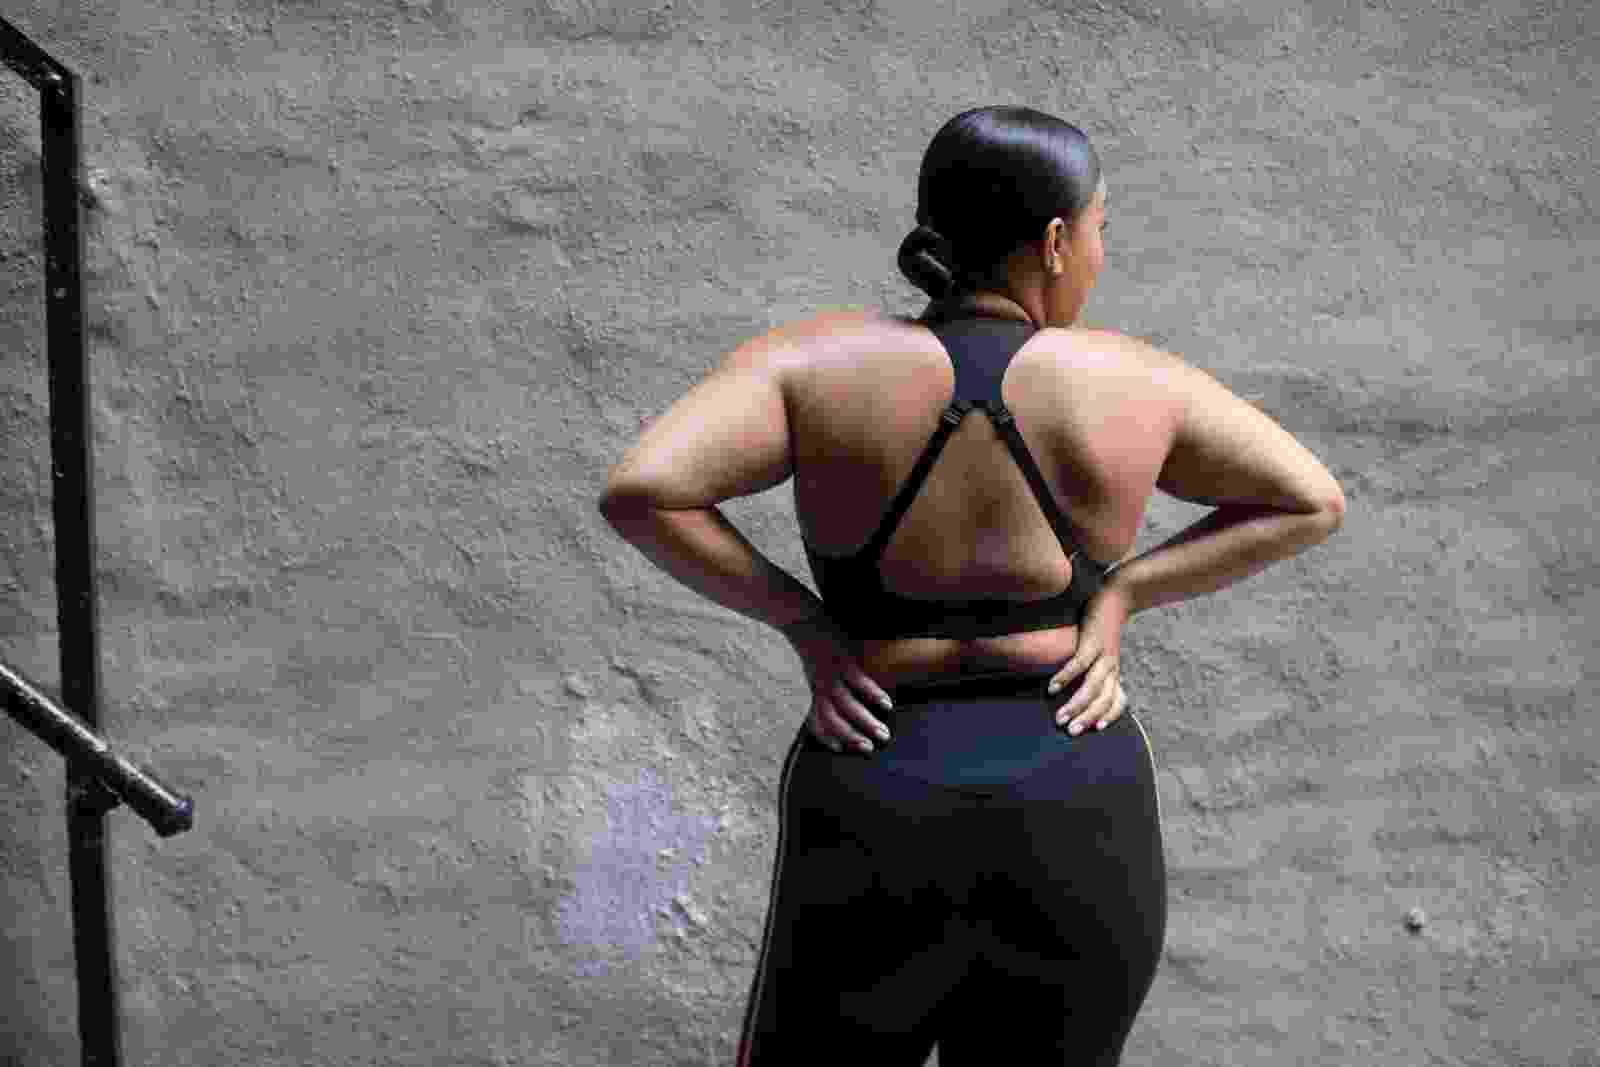 Nike amplia grade de tamanhos e lança campanha com atletas gordas - Divulgação/Nike Woman Brasil